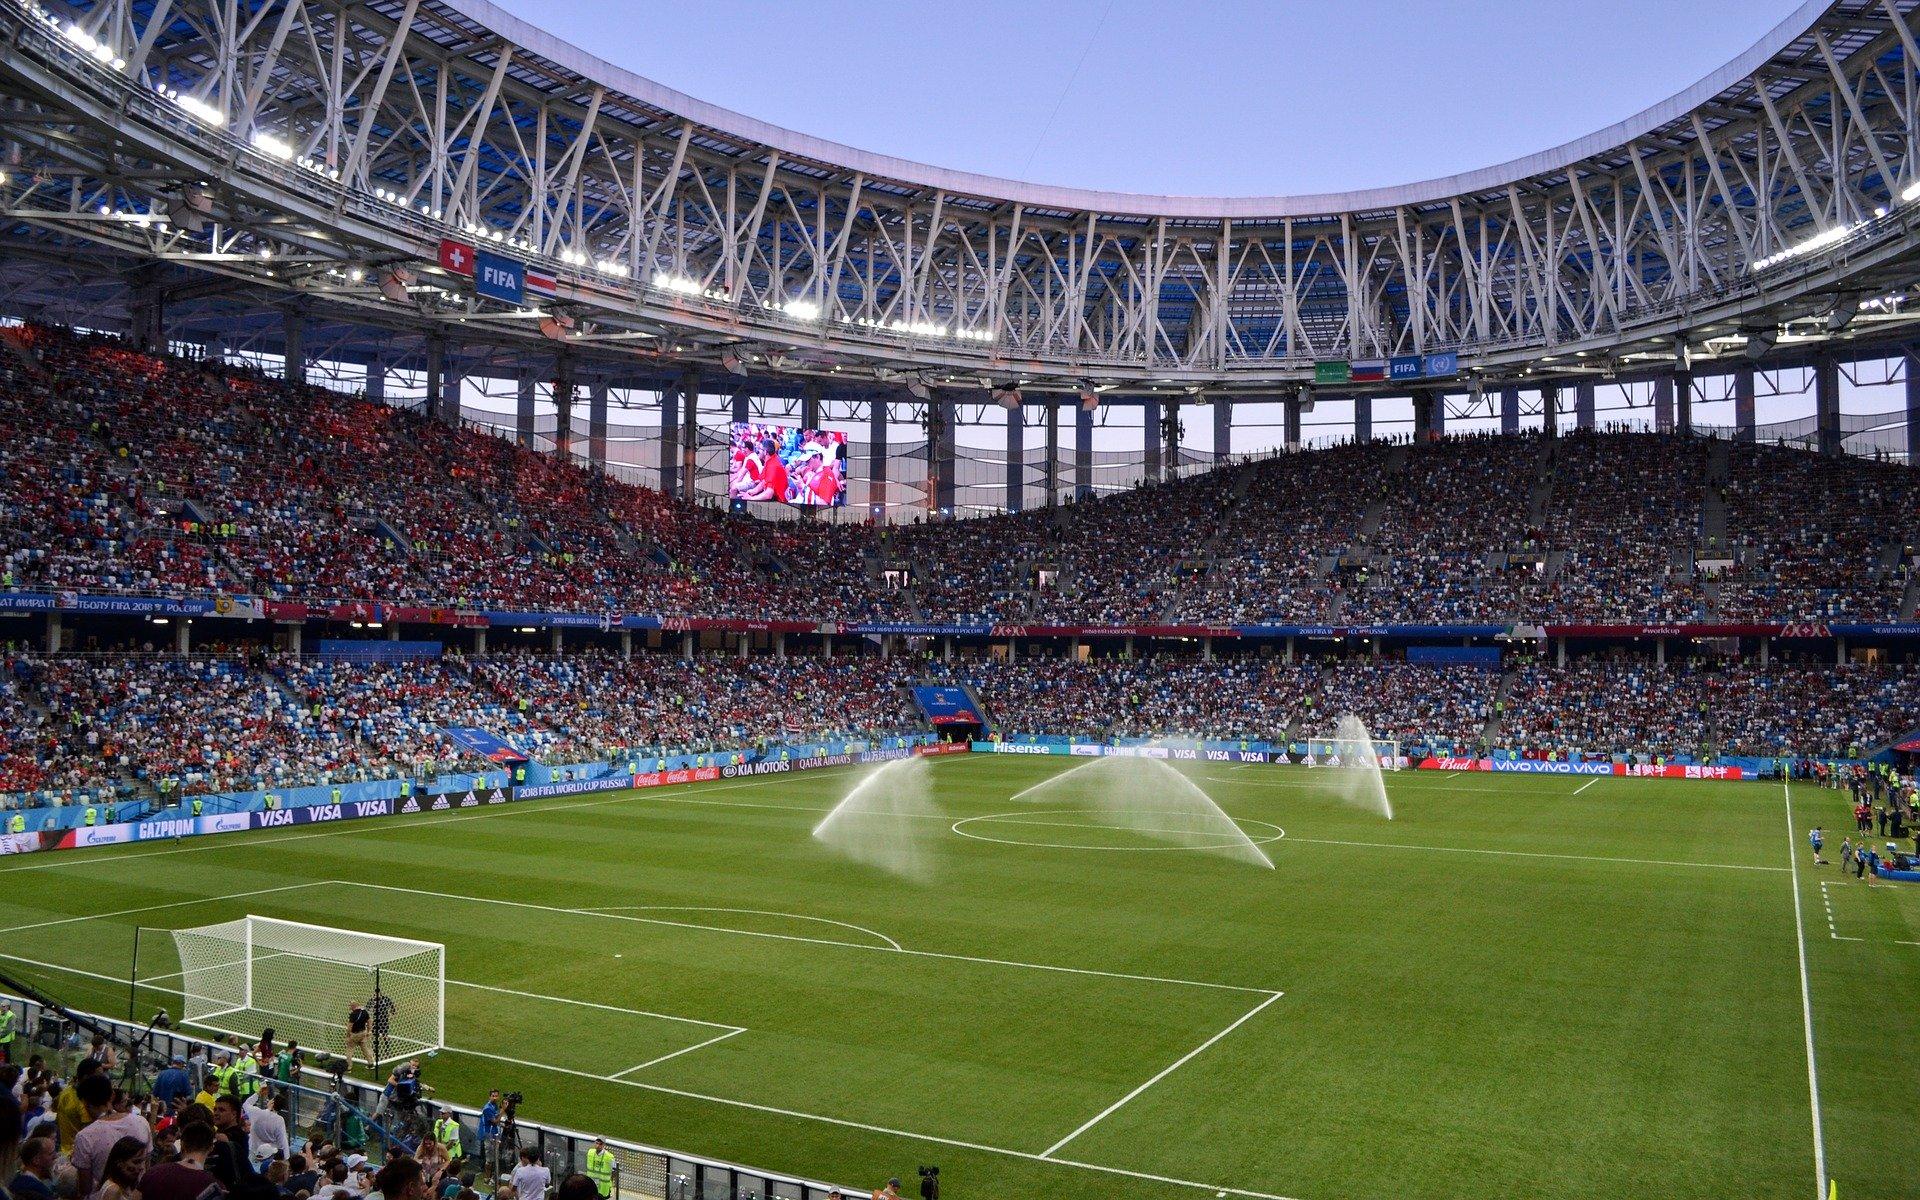 Coupe du monde 2018 PIB